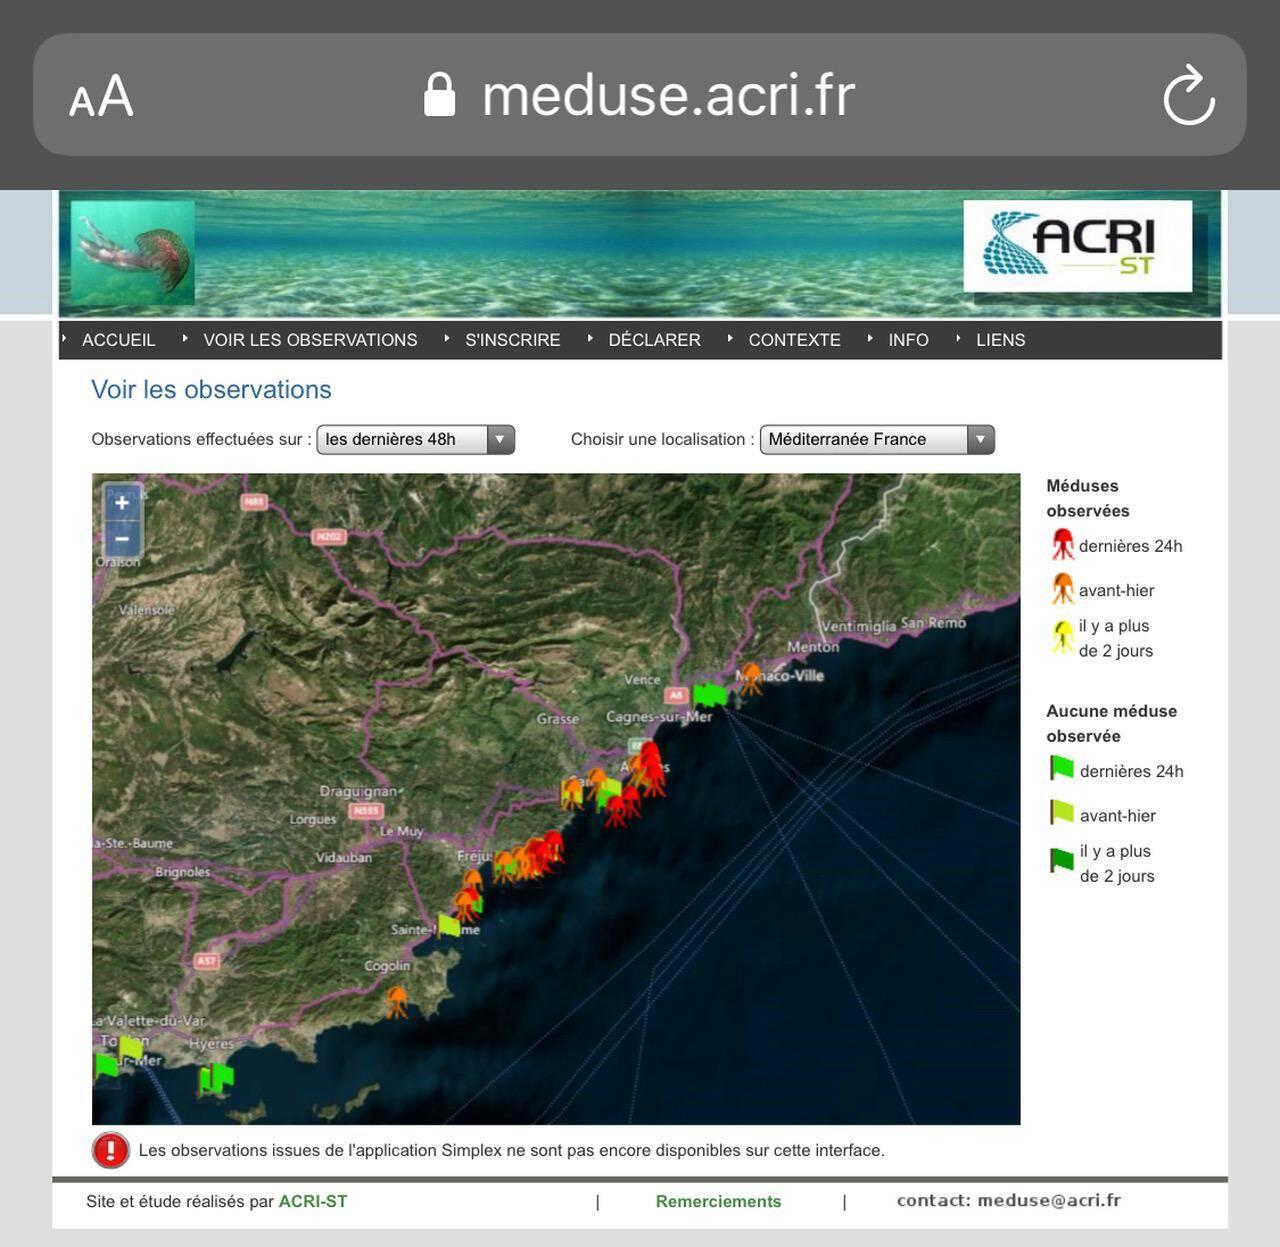 Des méduses de différentes couleurs indiquent si des spécimens ont été observés dans les jours précédents.(Capture d'écran du site meduse.acri.fr)